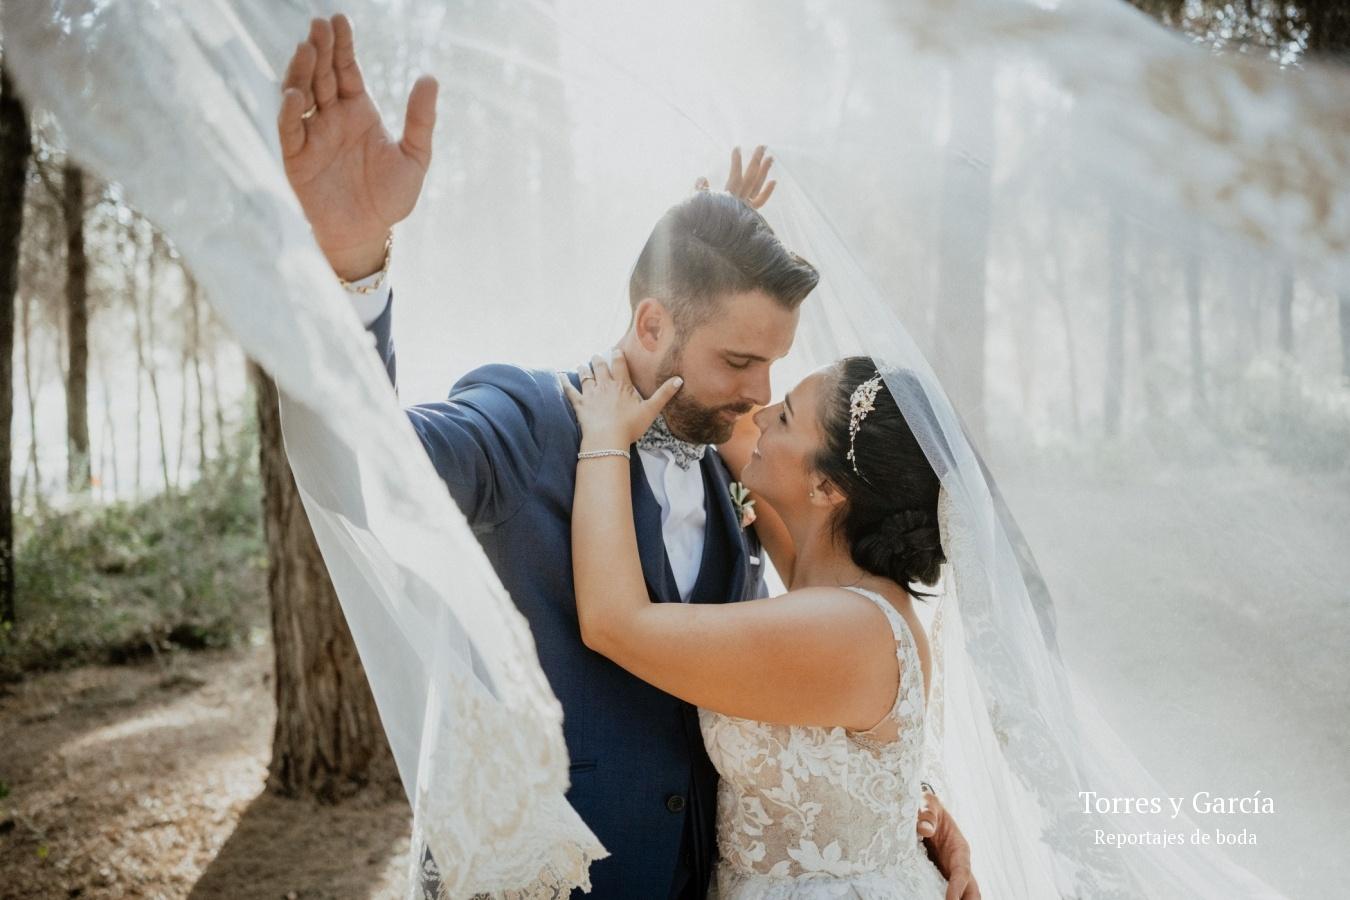 besándose bajo el velo - Fotografías - Libros y reportajes de boda diferentes.